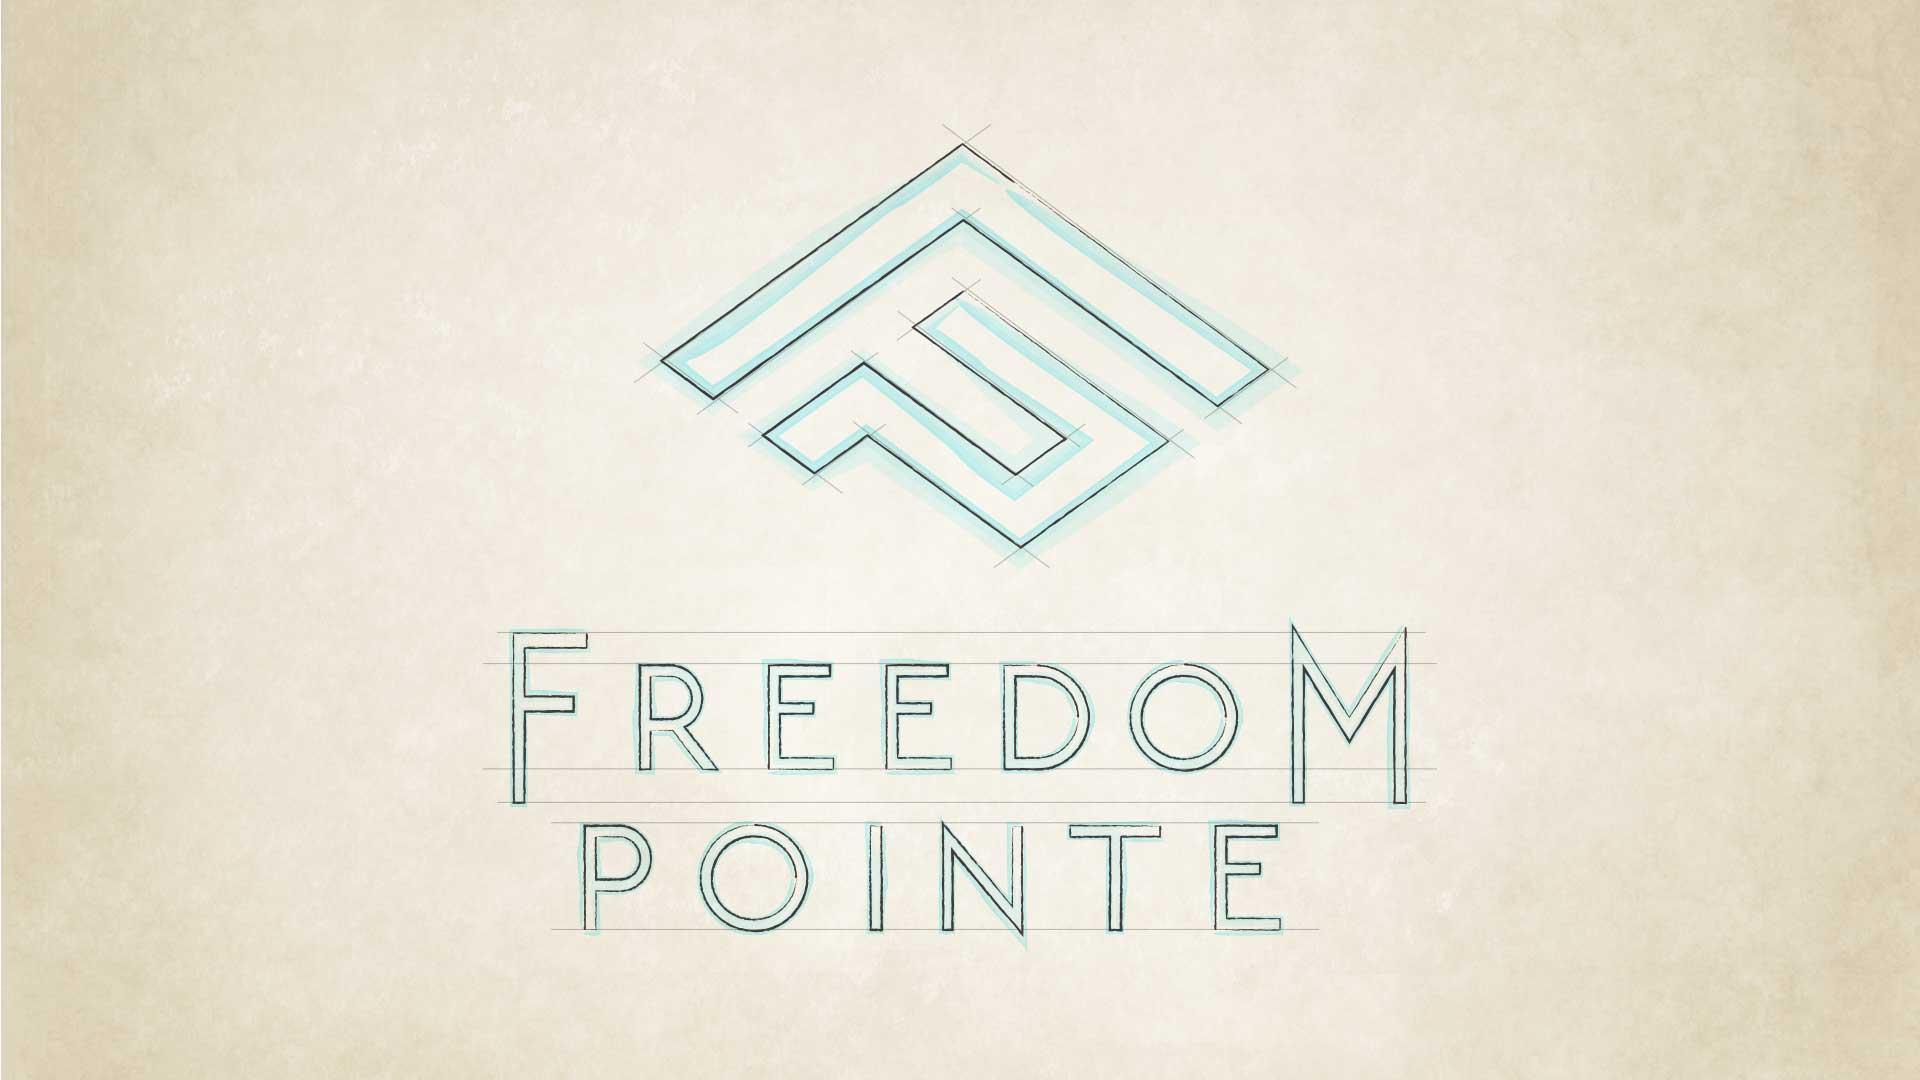 Freedom Pointe Sketch